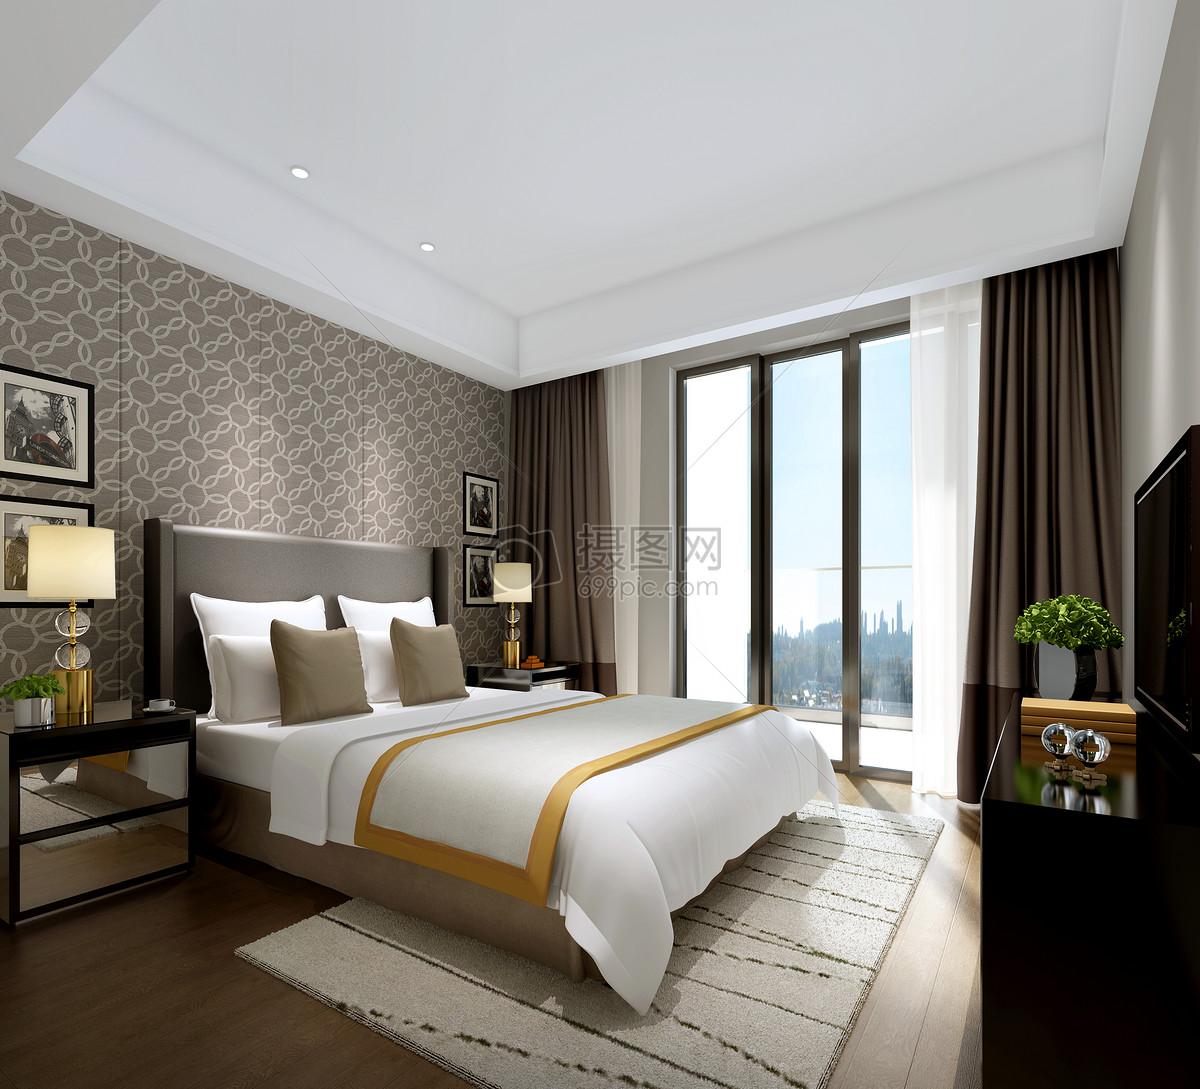 北欧风卧室室内设计效果图